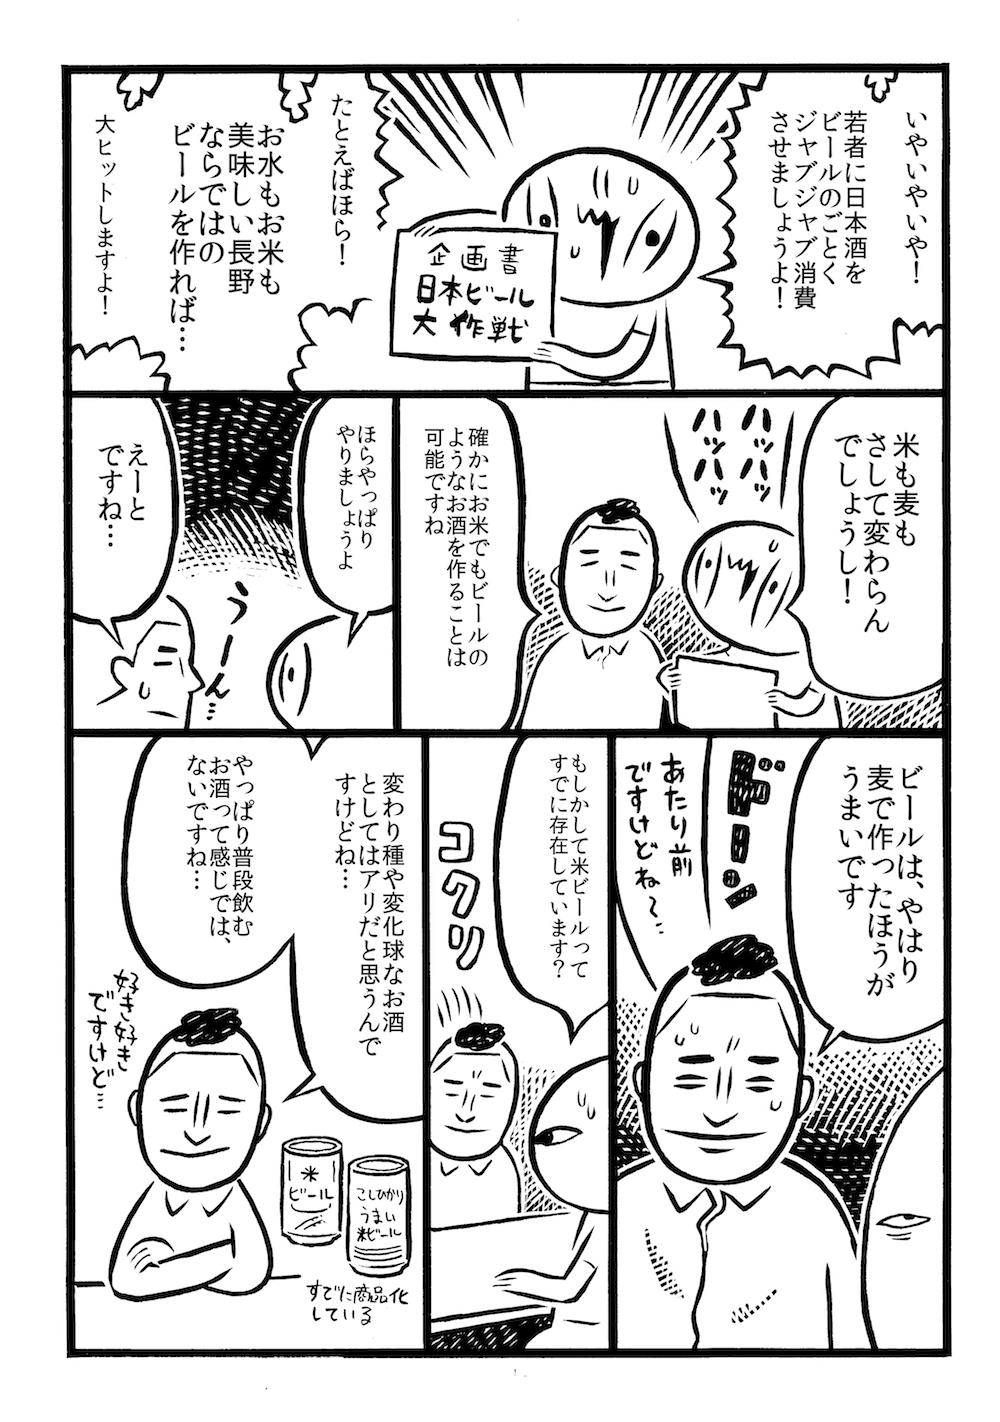 f:id:kakijiro:20170130141131j:plain